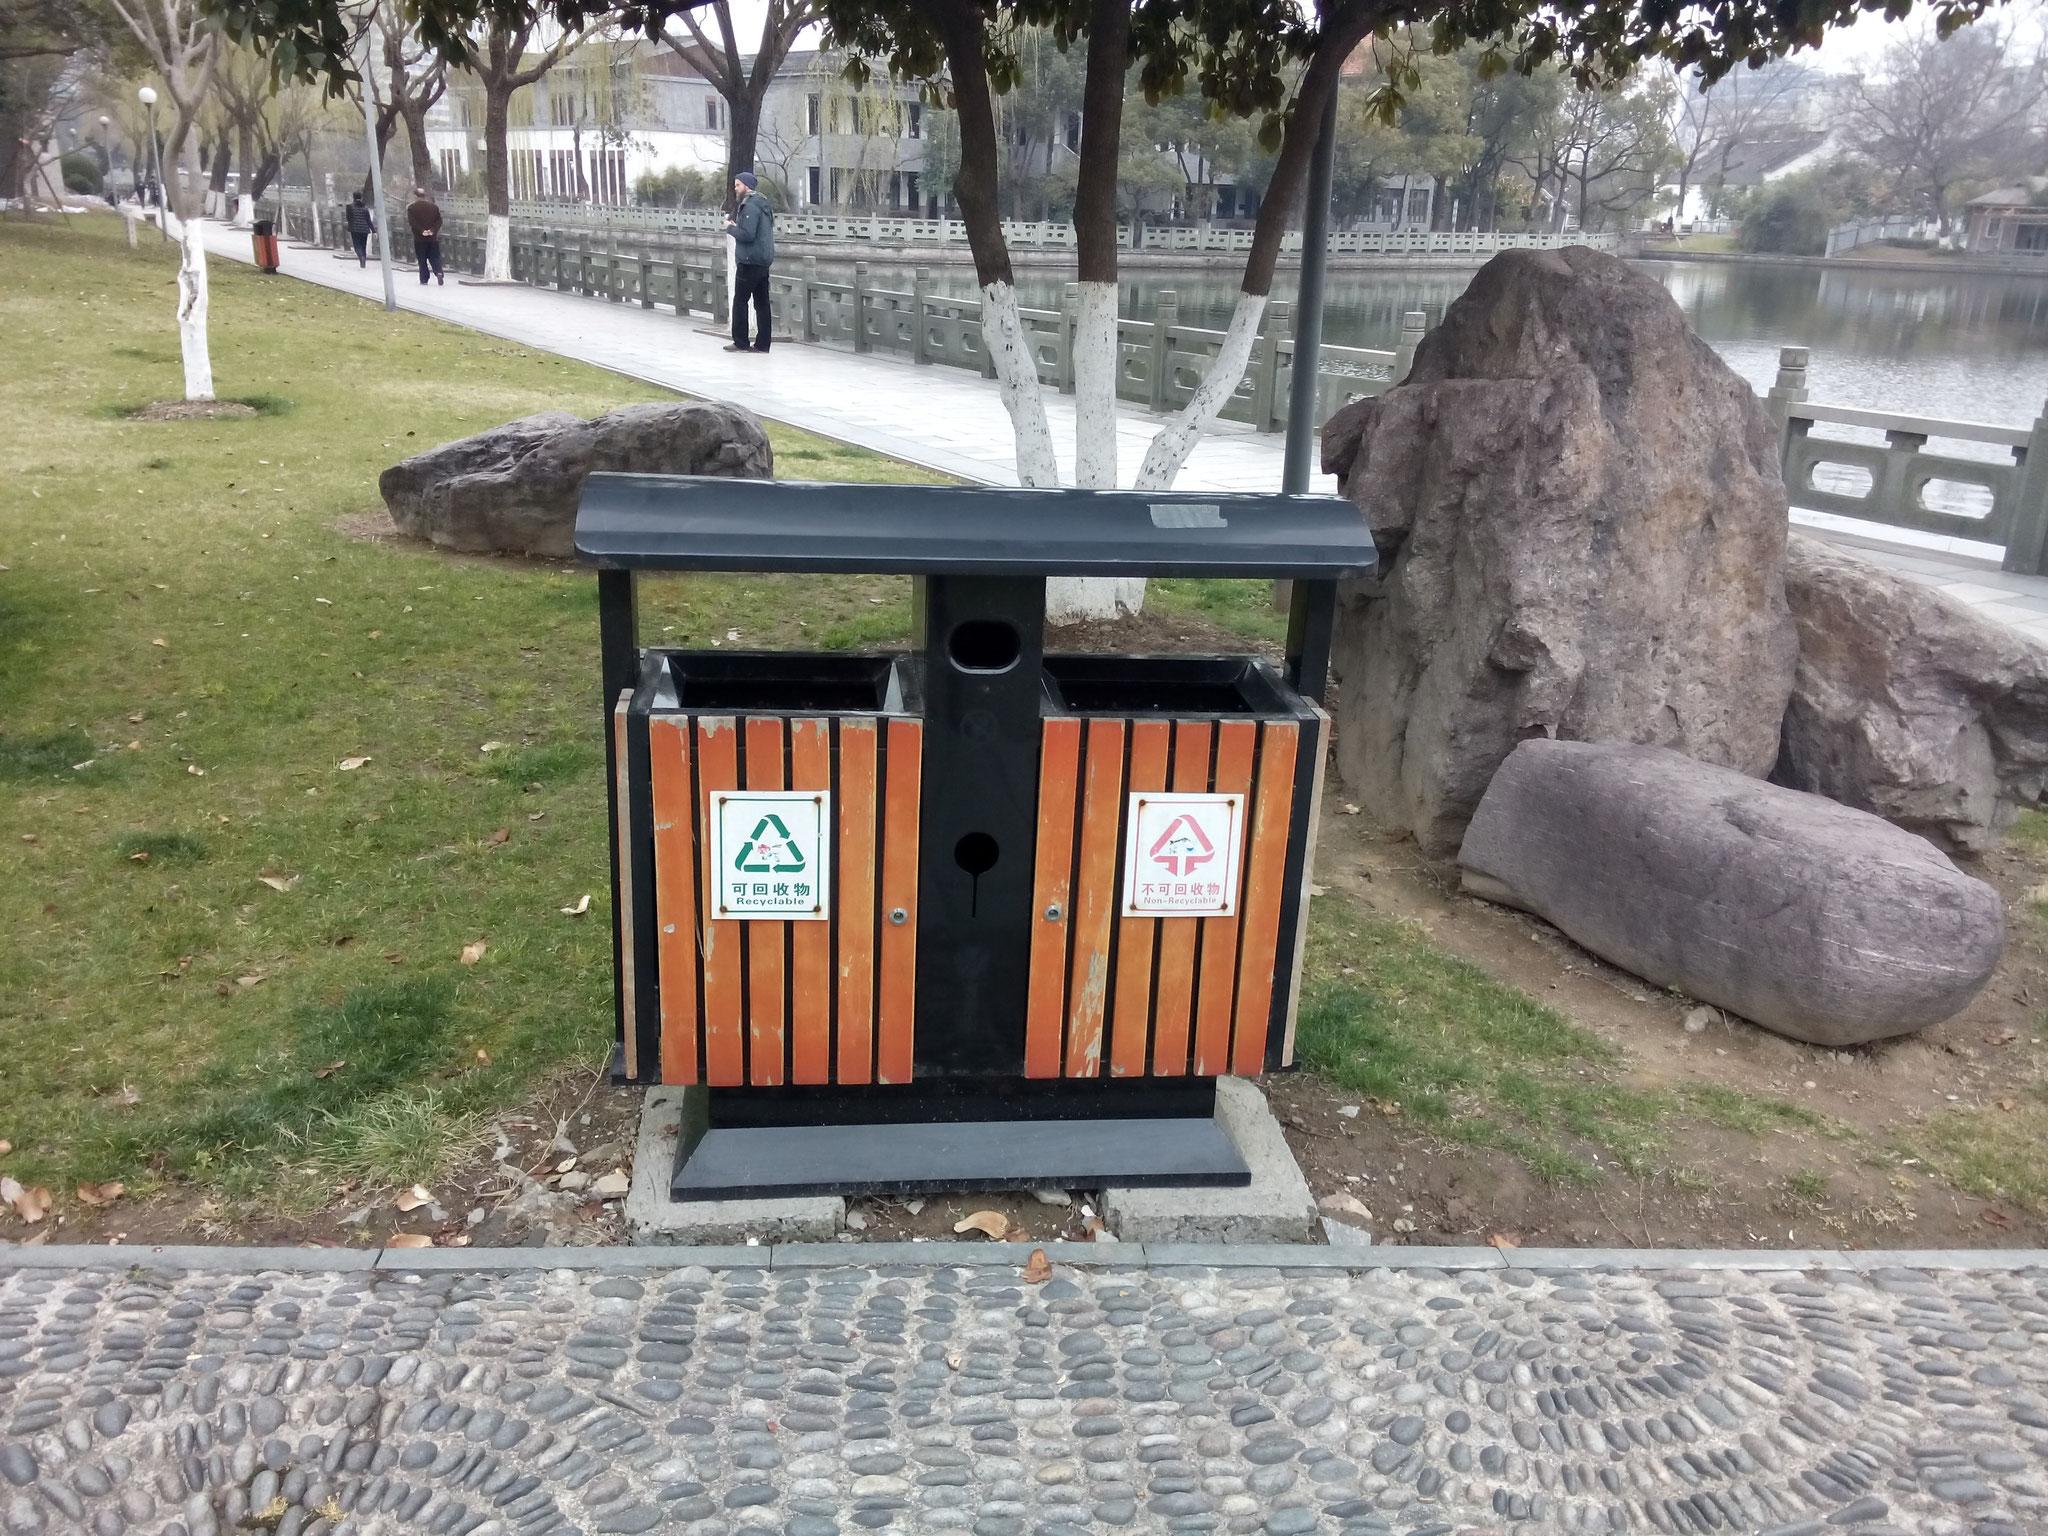 Mülltrennung (eher symbolisch)